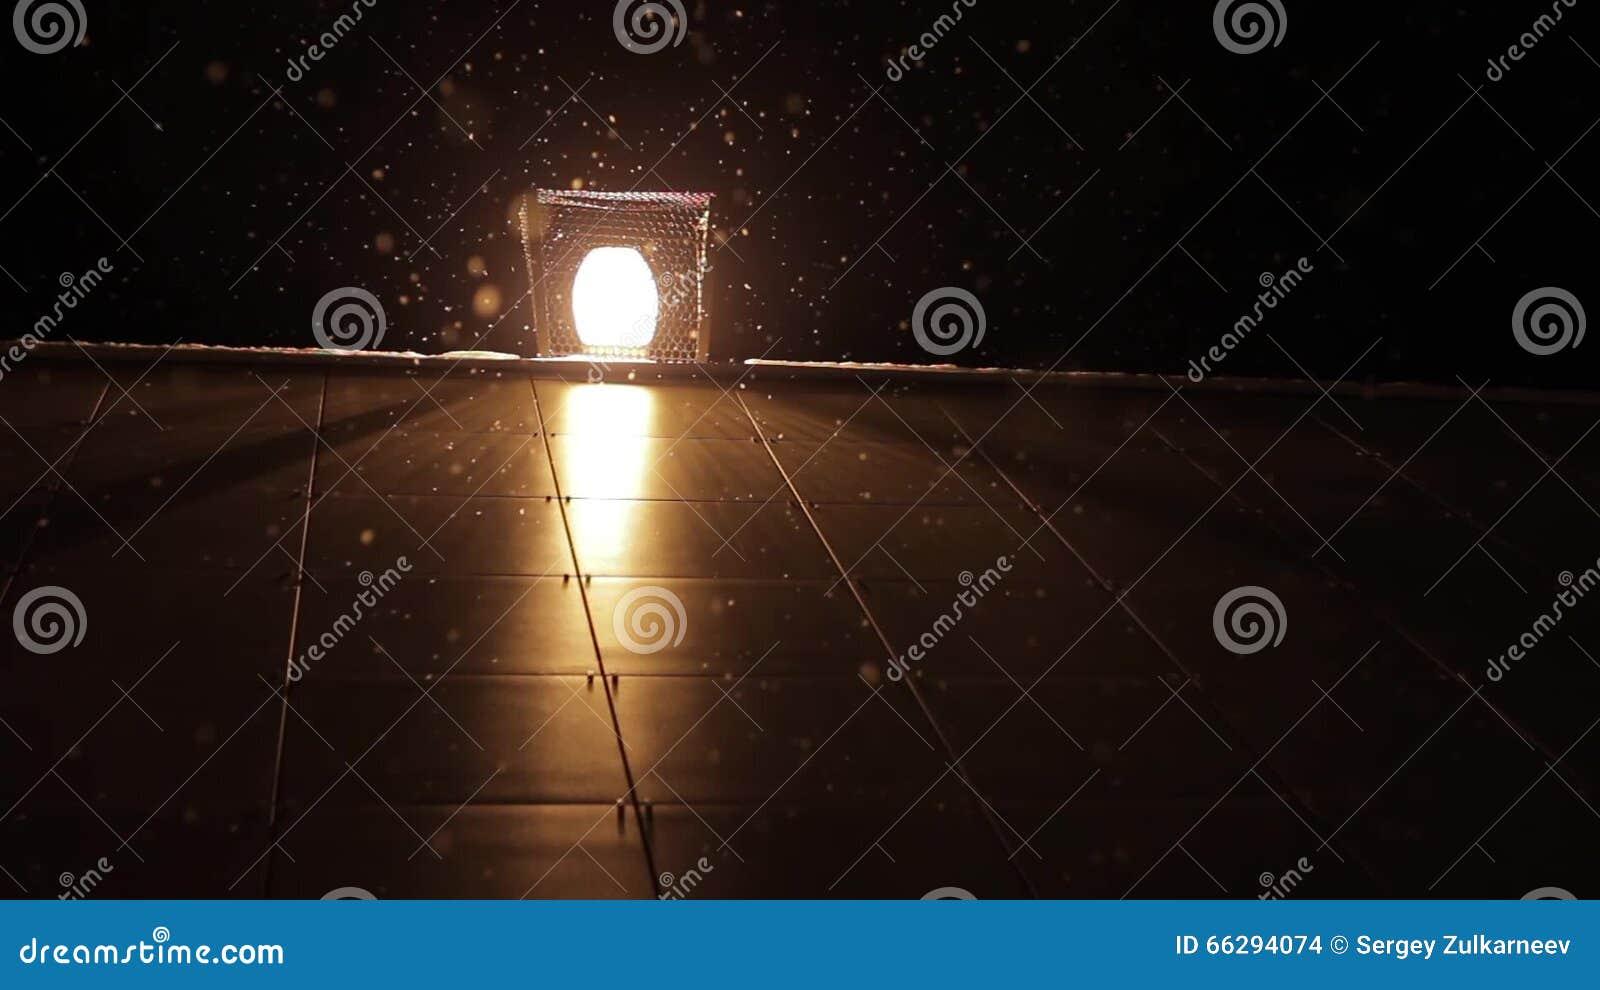 Badkamerkast Met Lamp : Kast 545xkb. excellent elegant fig with uv lamp nagels action xkb